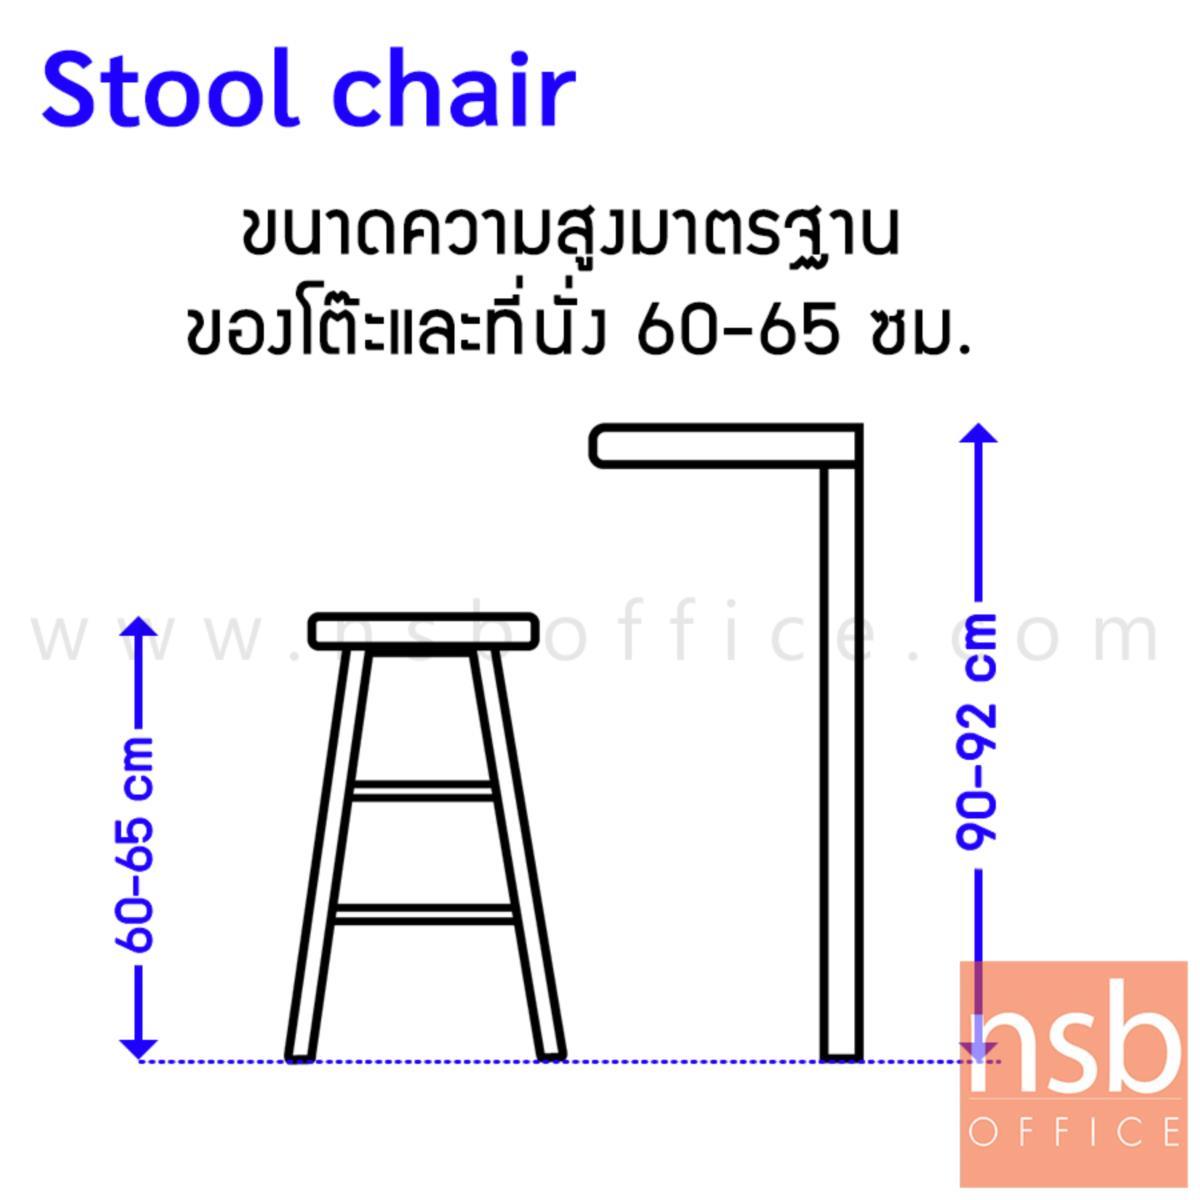 เก้าอี้บาร์สตูลที่นั่งเหลี่ยม รุ่น Baden (บาเด็น) ขนาด 39.5W cm. โครงไม้ทั้งตัว